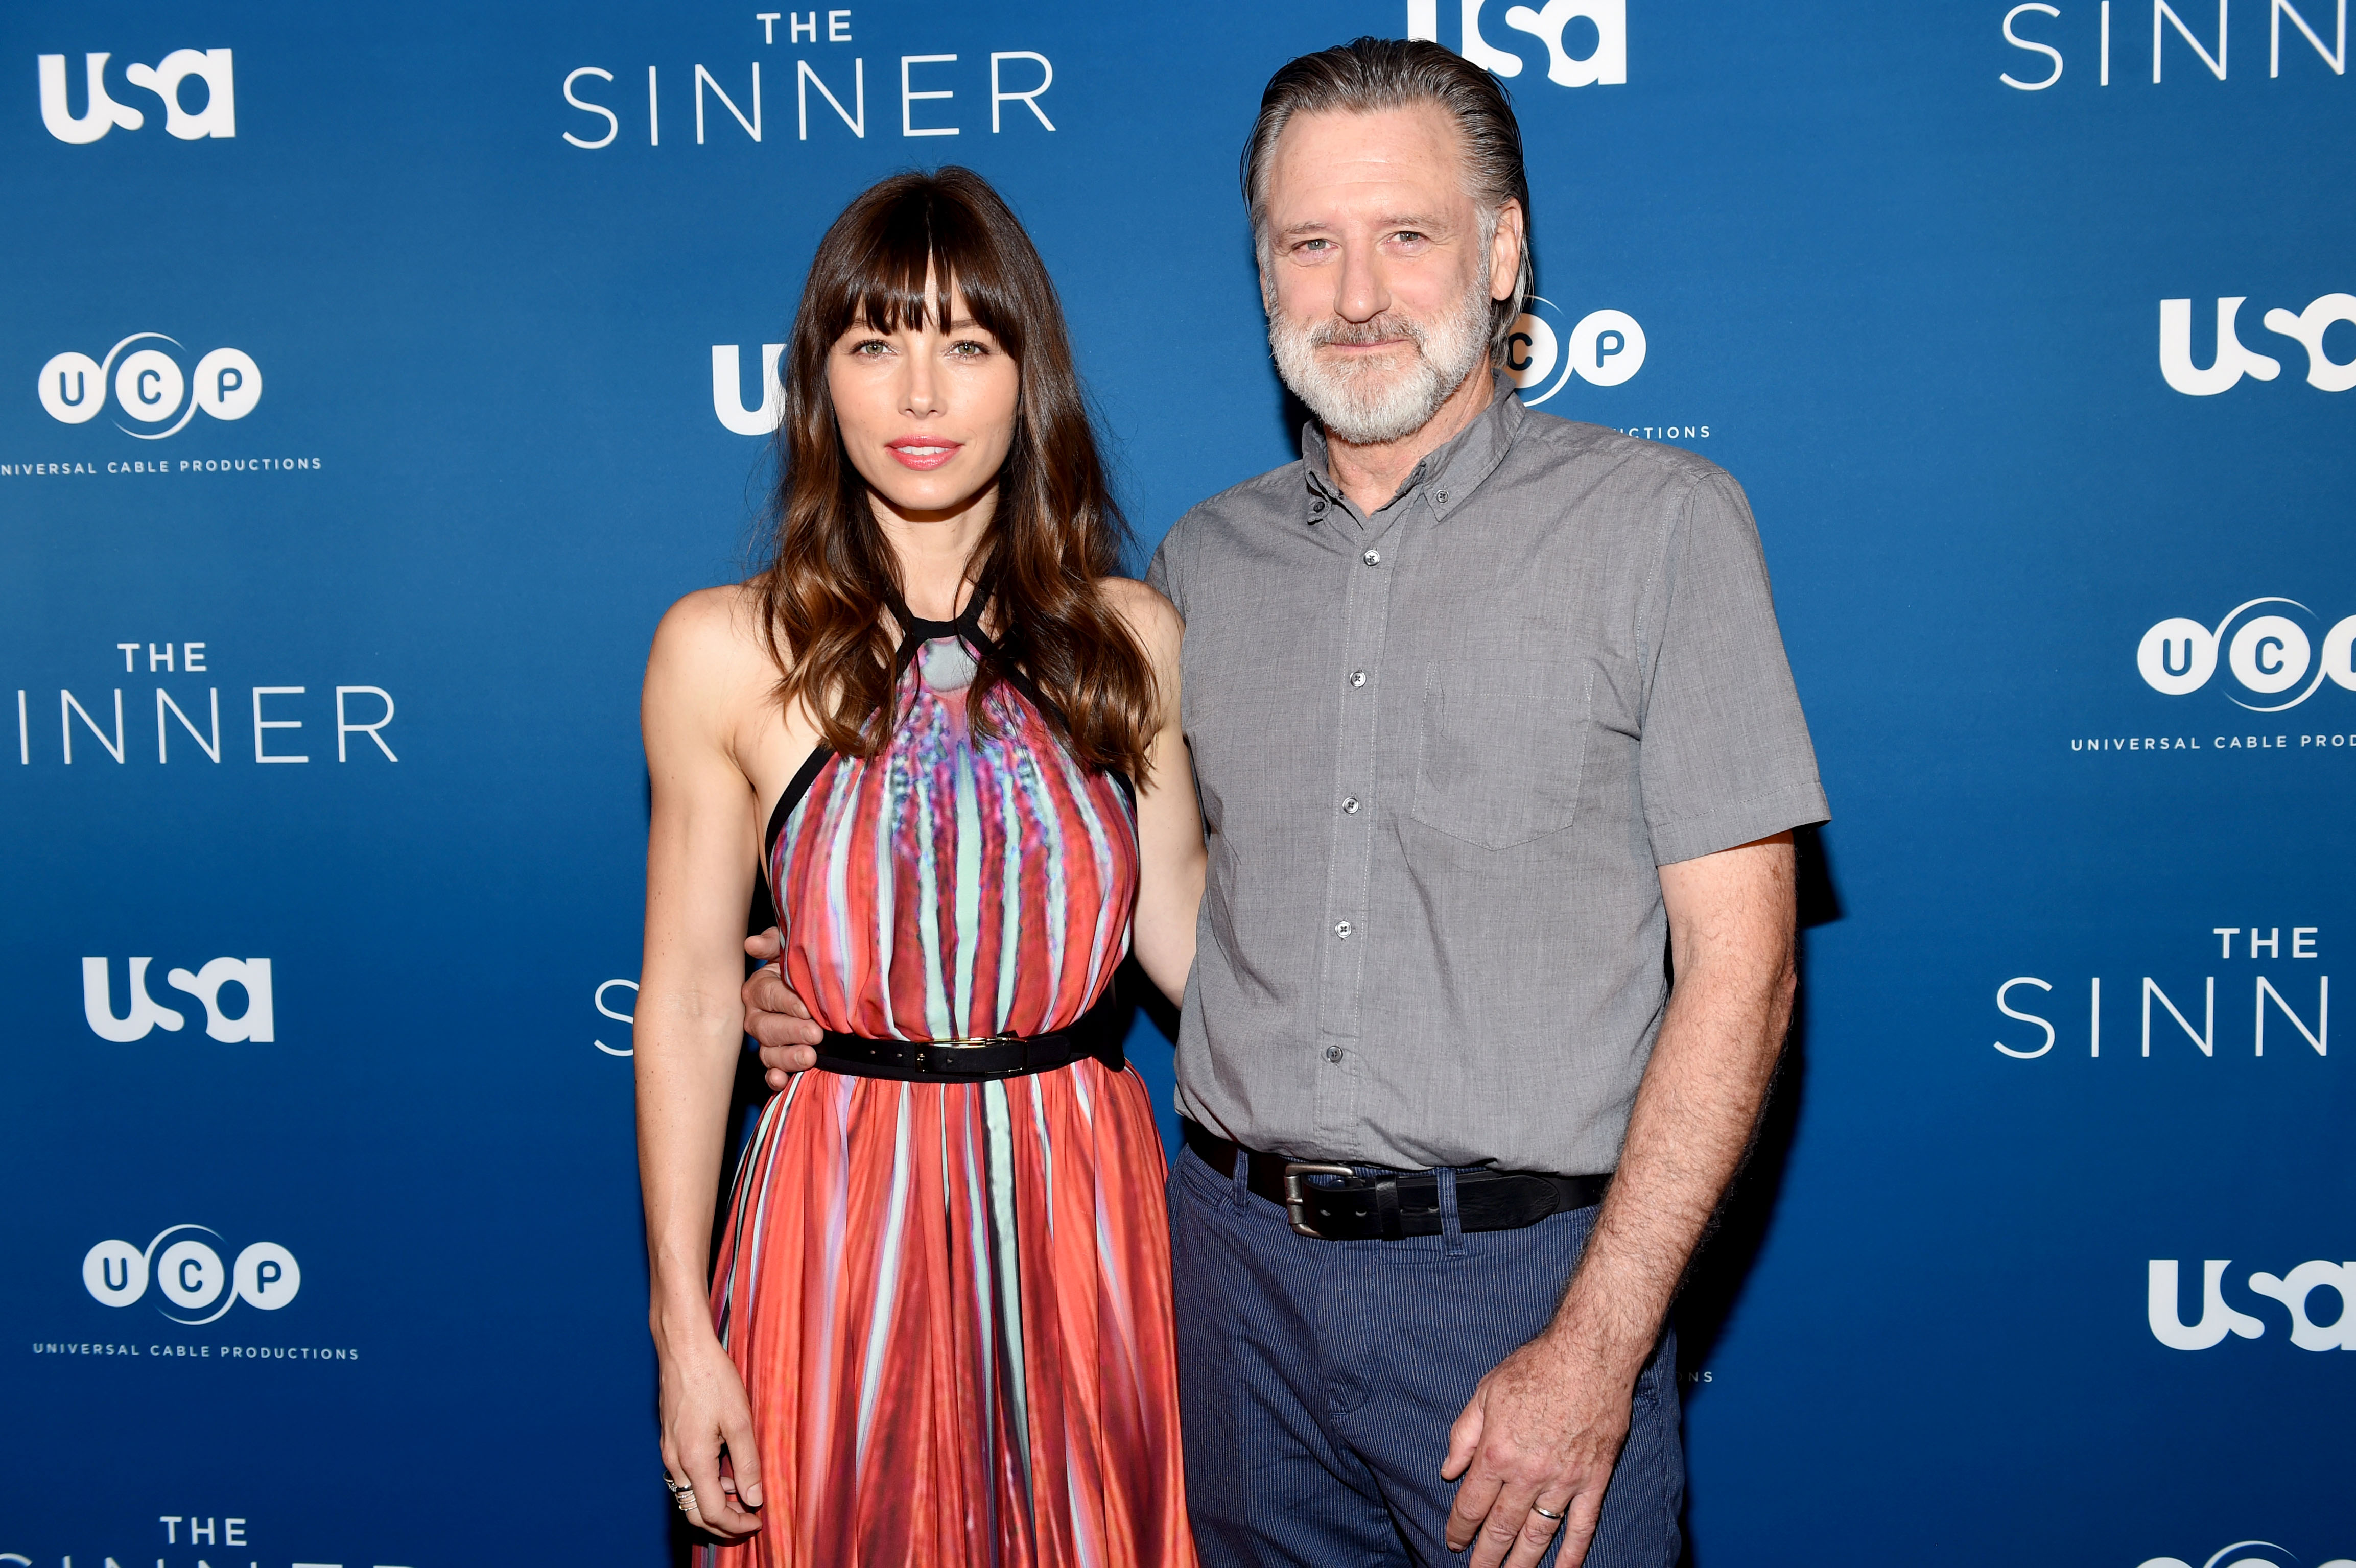 Jessica Biel, Bill Pullman'The Sinner' film premiere, Arrivals, New York, USA, 31 Jul 2017